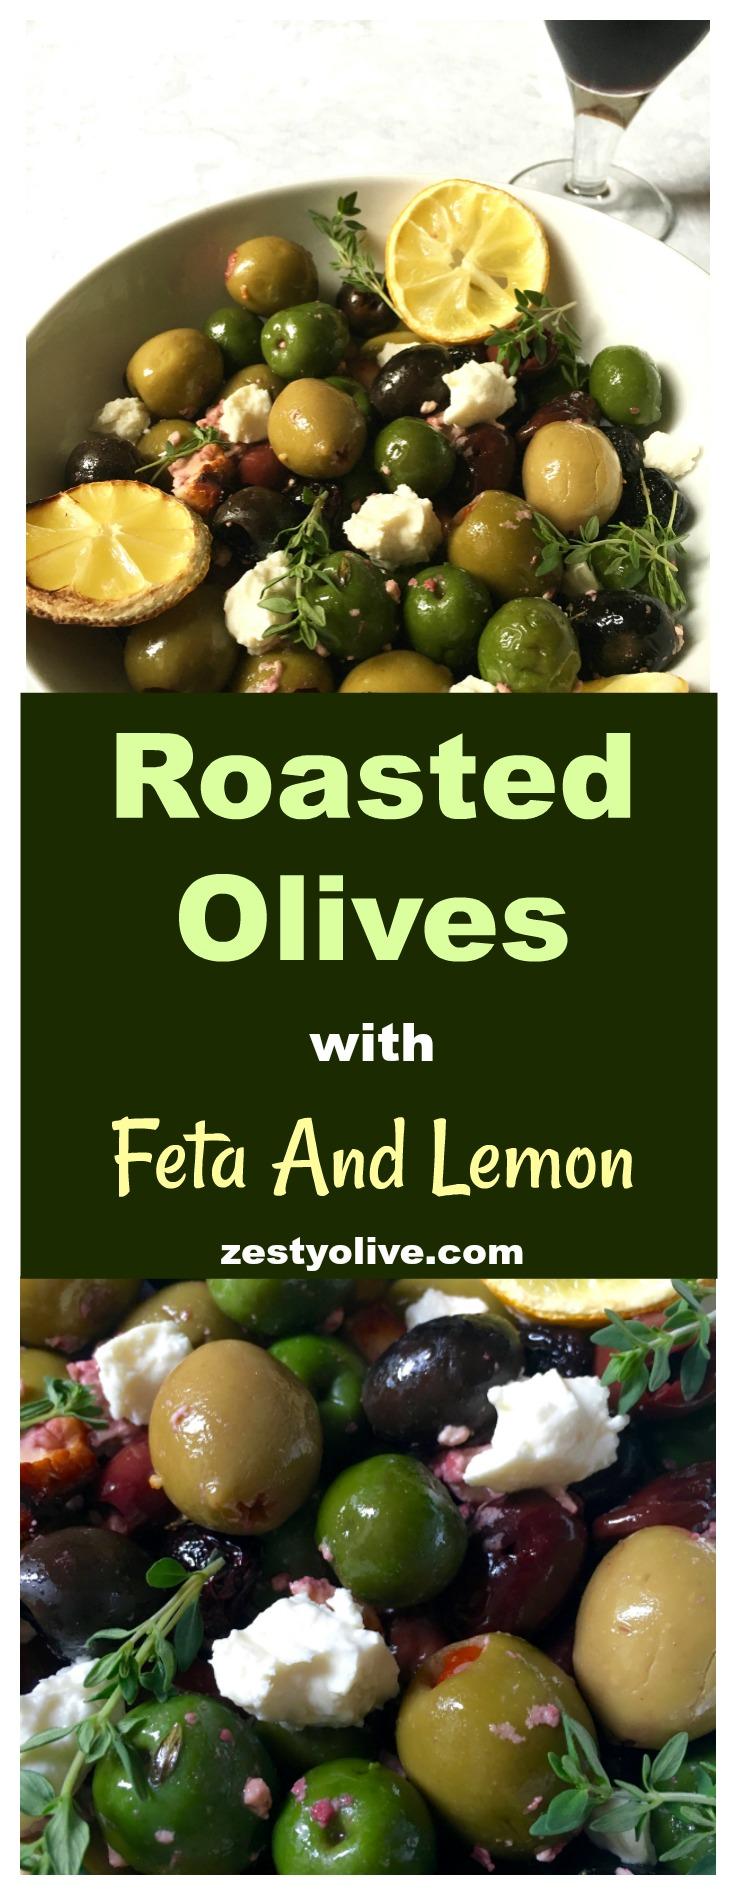 Roasted Olives with Feta and Lemon